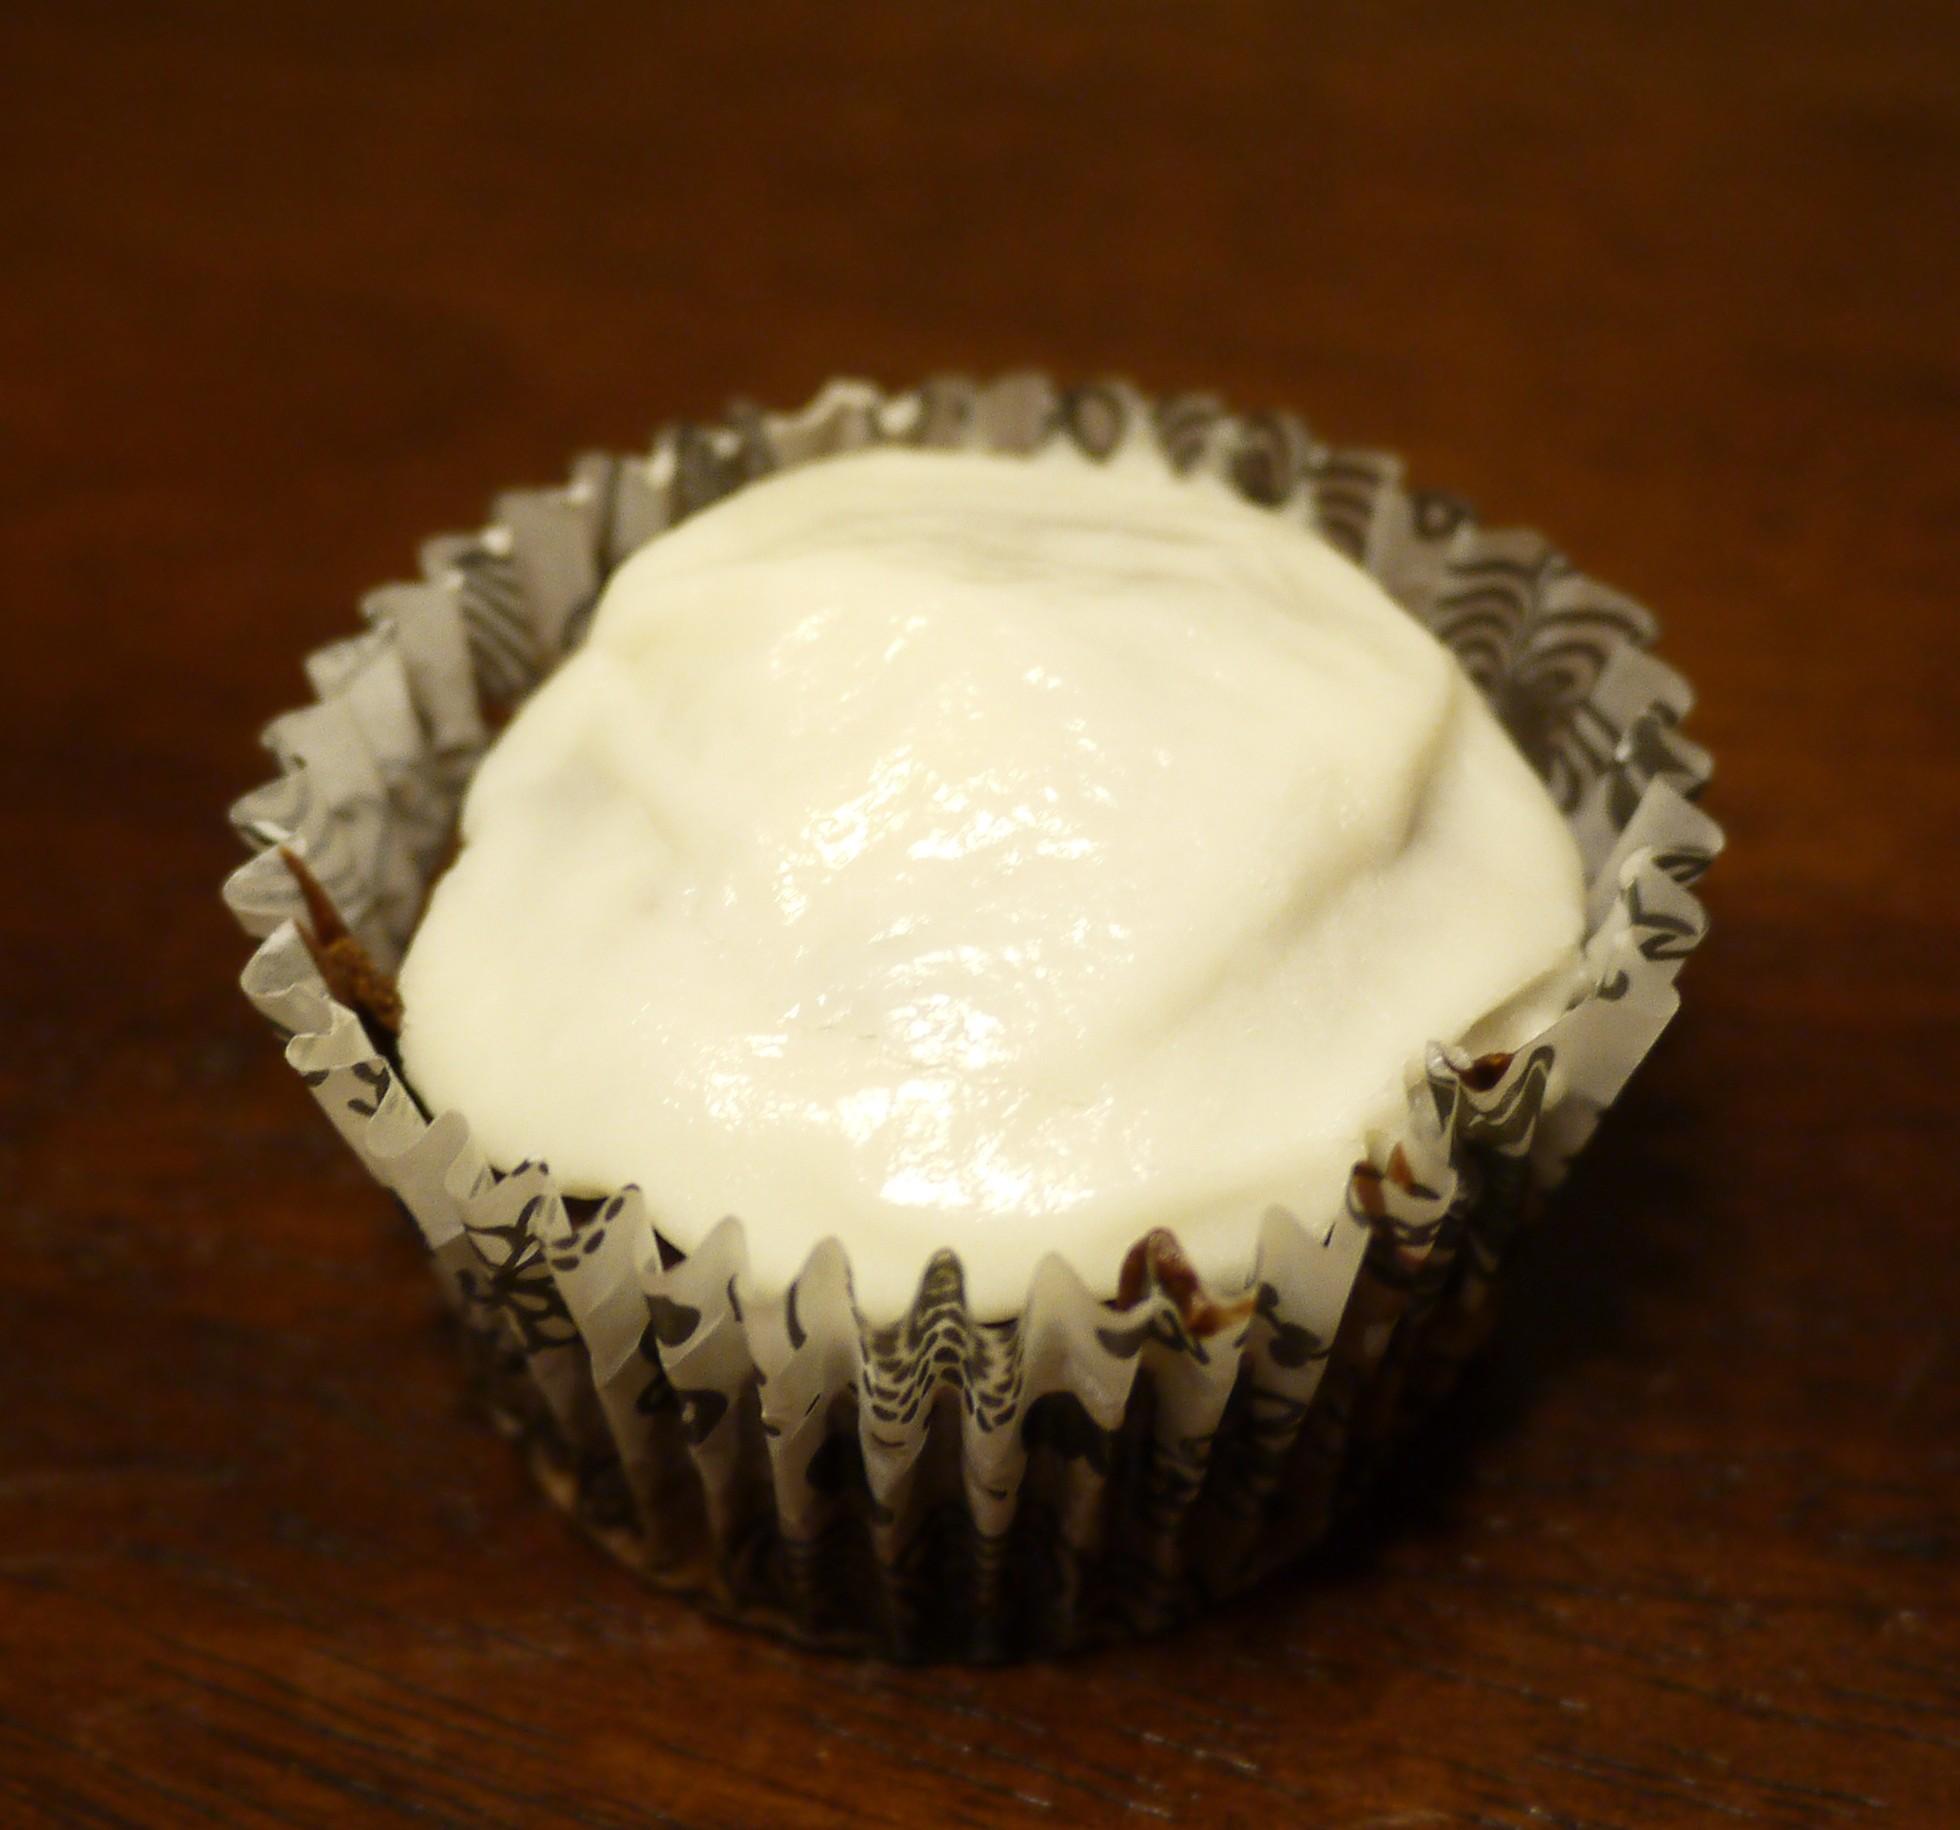 Recipe: Chocolate Cream Cupcakes